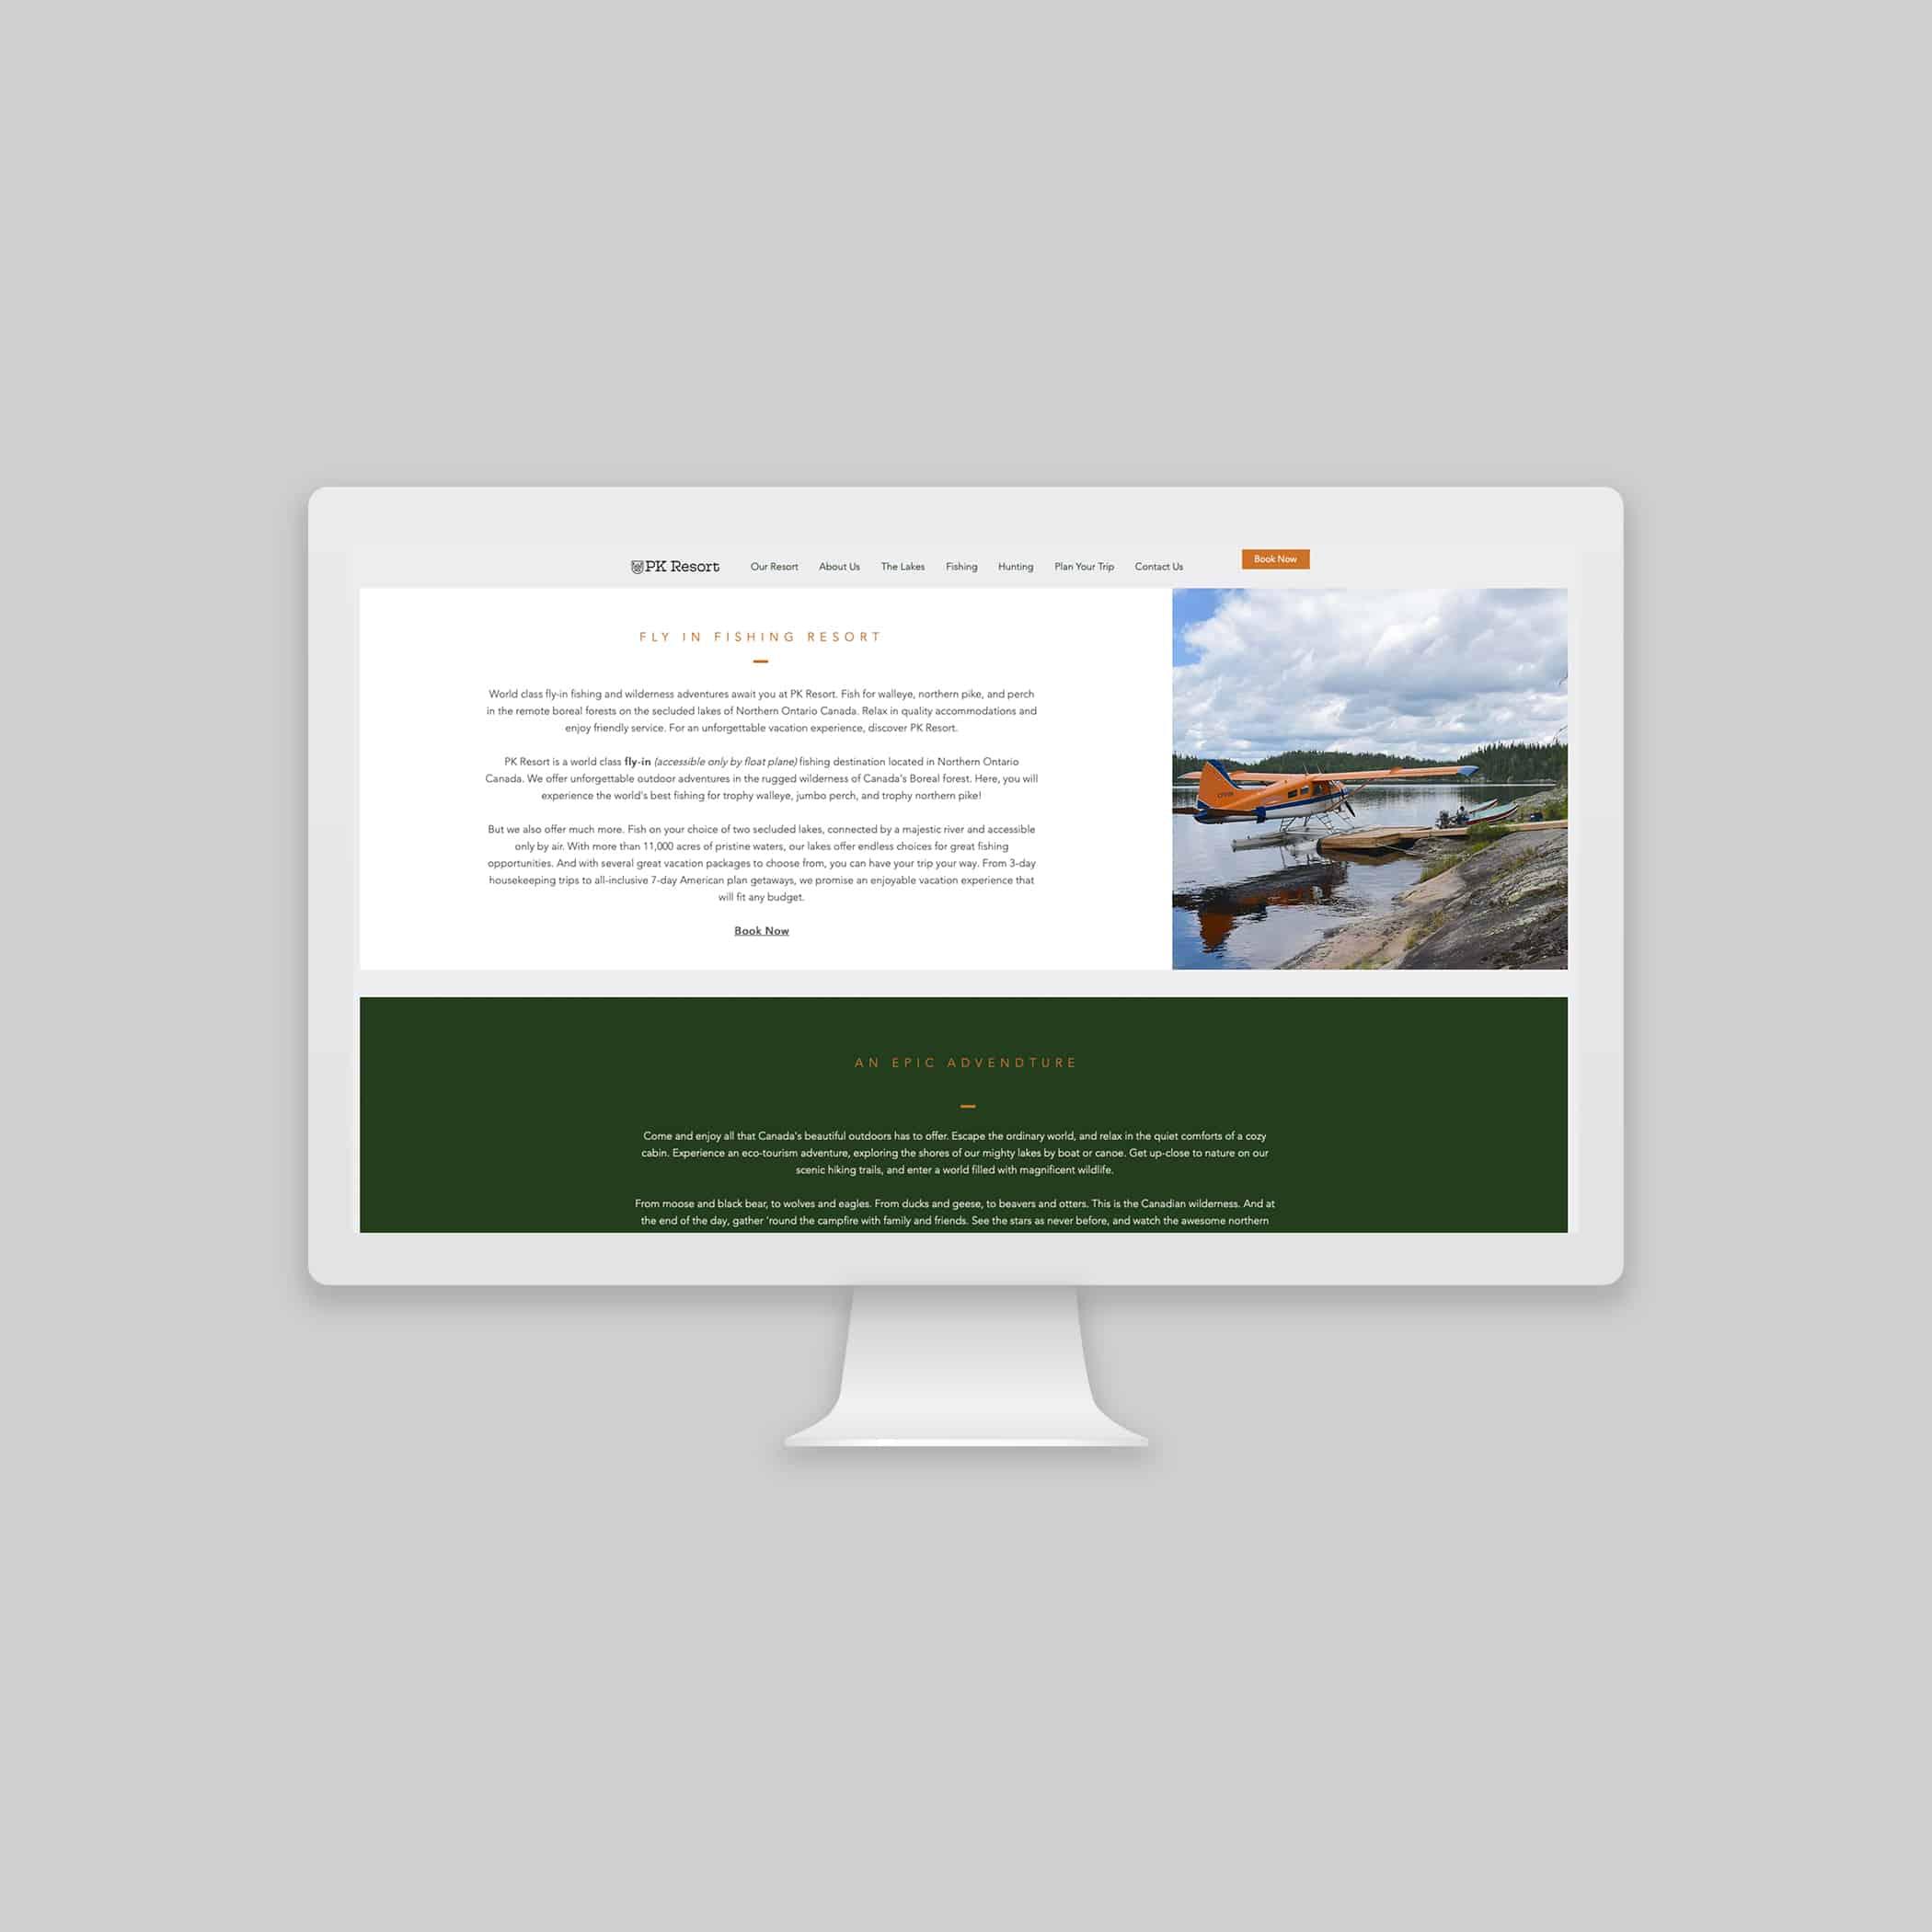 PK_Resort_StellenDesign_Website_Branding_2